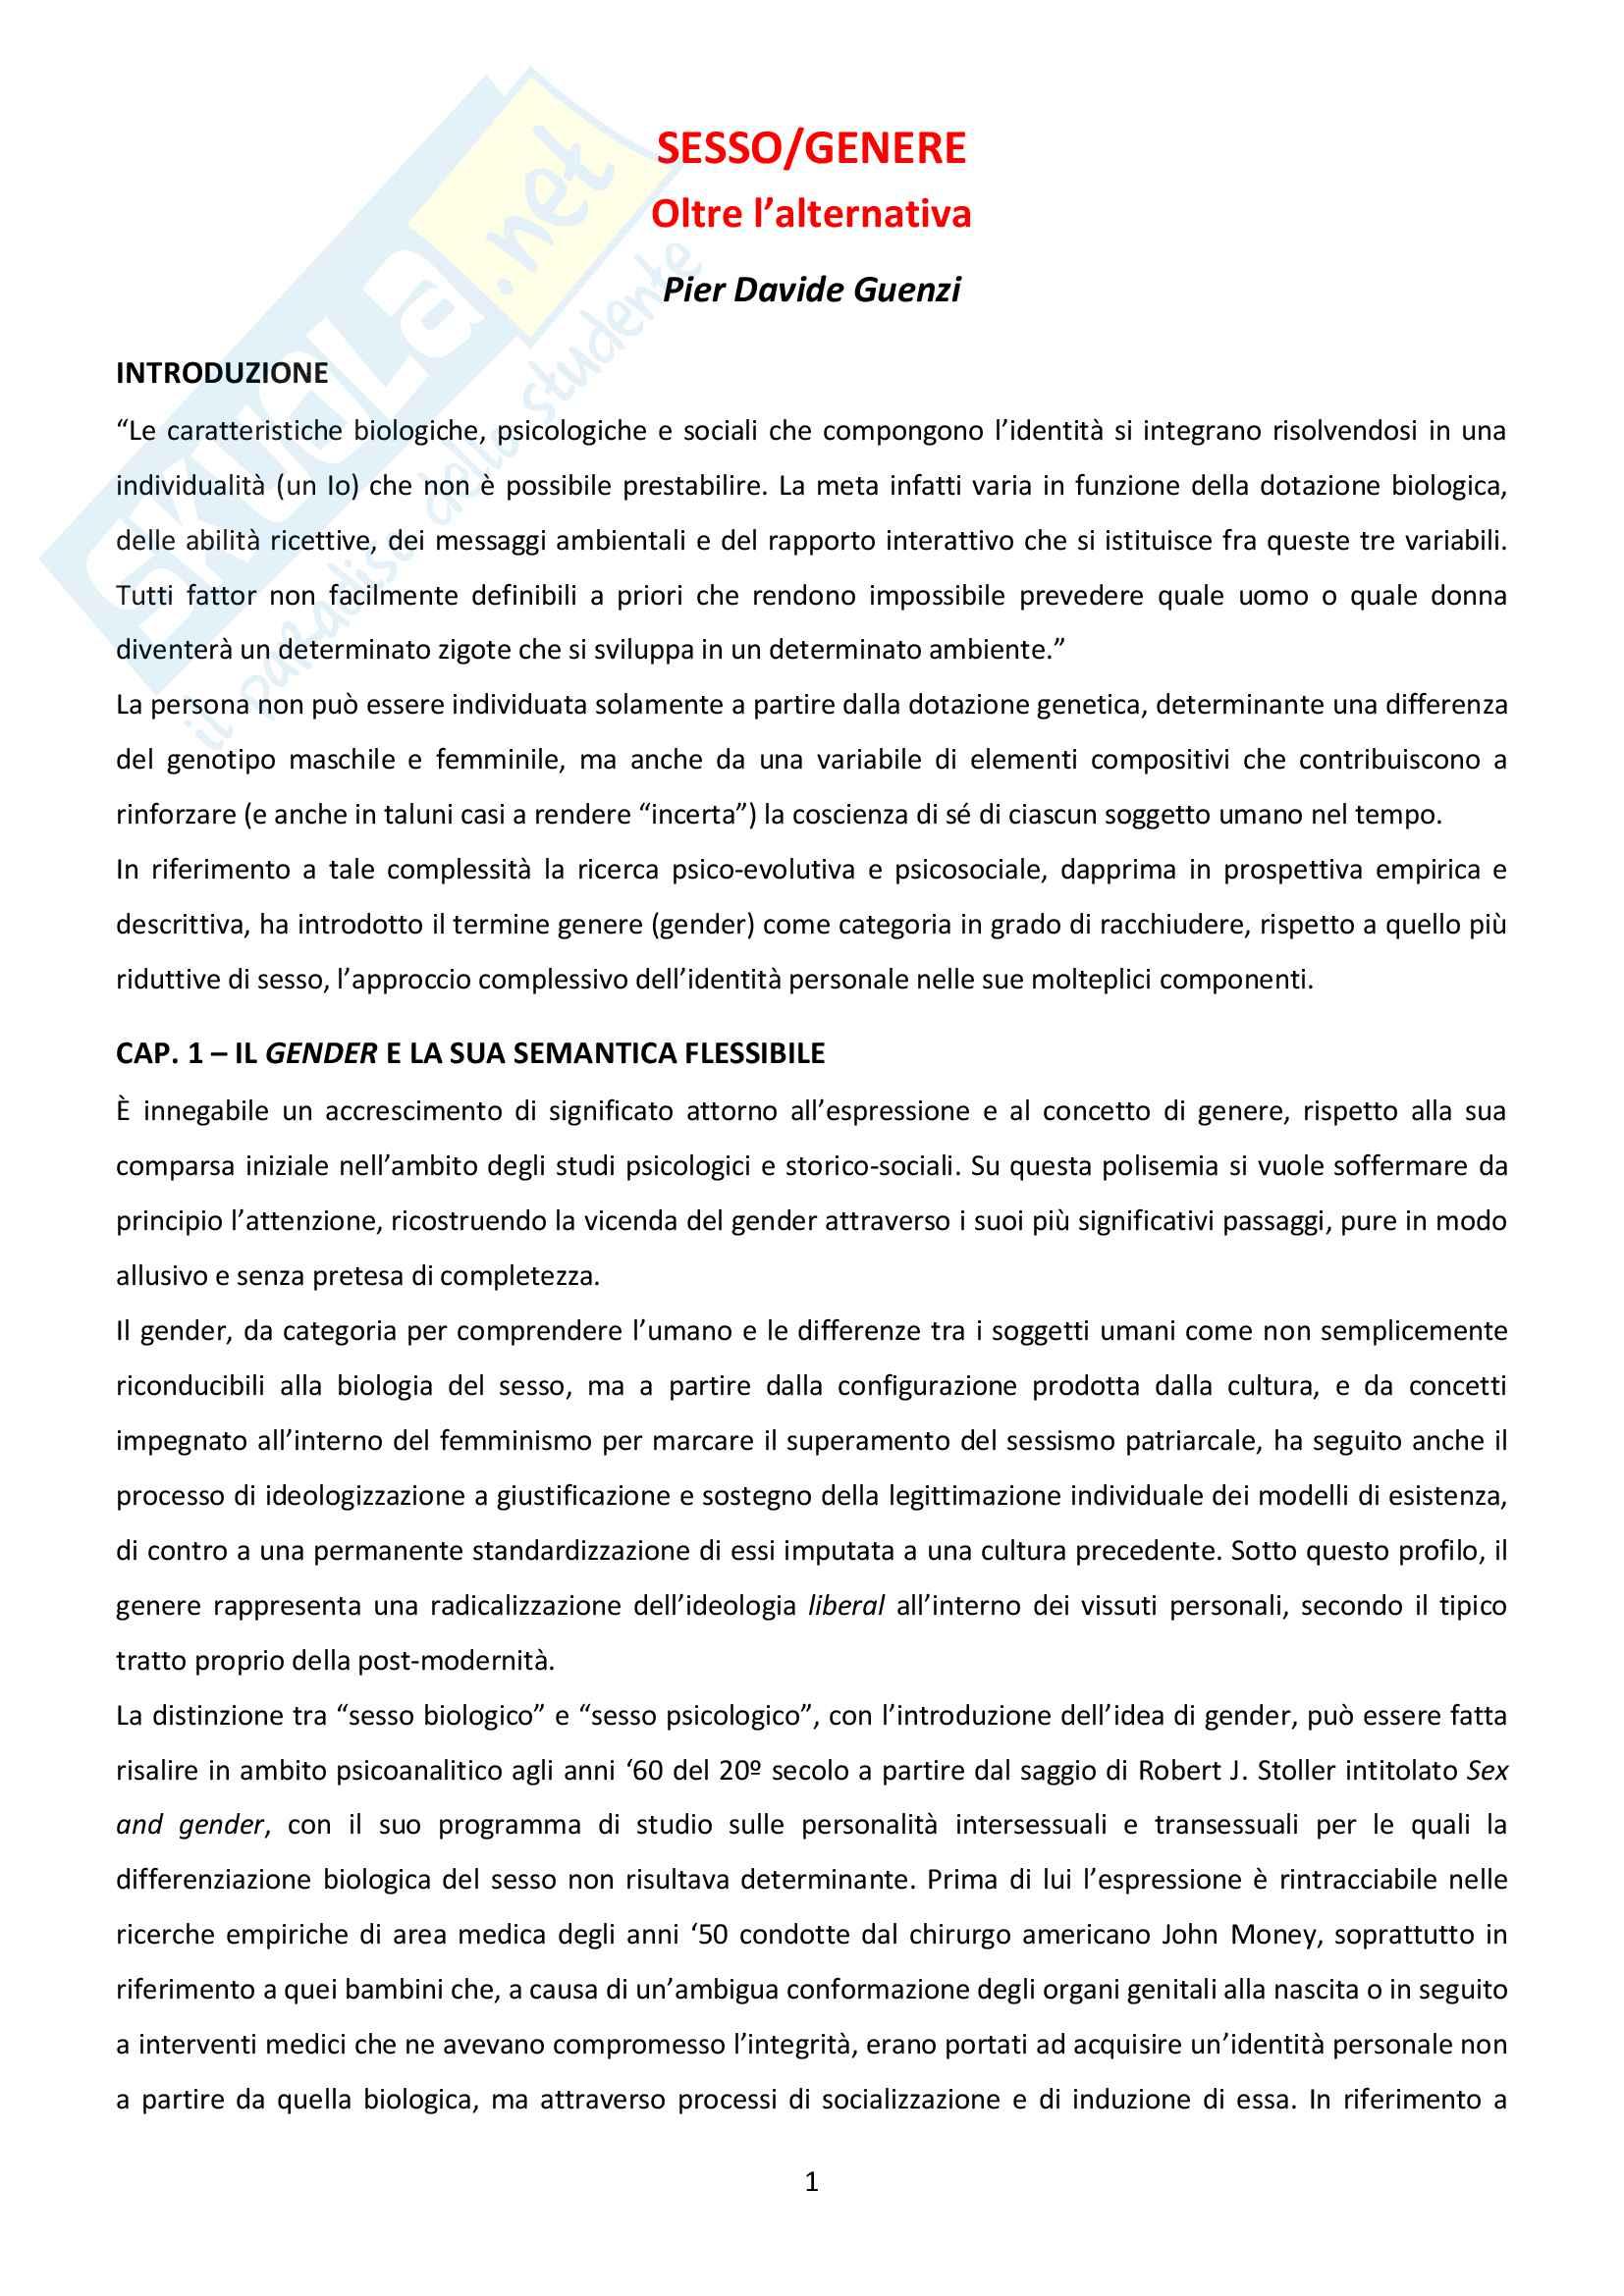 Riassunto esame di Teologia 3, prof. Guenzi, testo consigliato: Sesso-Genere, oltre l'alternativa